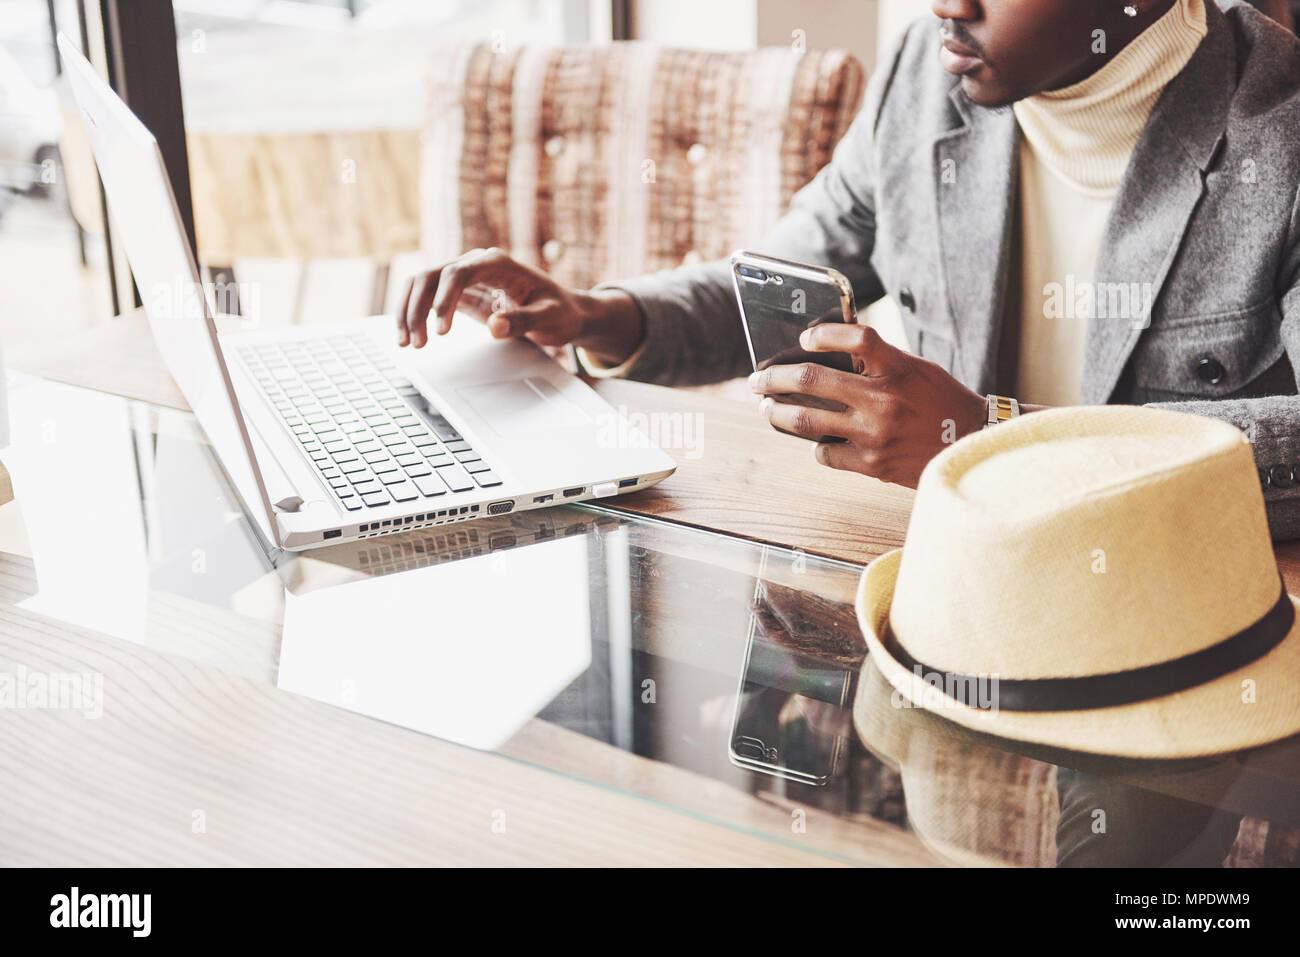 Pensativo afro americana guapo escritor profesional artículos populares en el blog de moda vestidos de traje y gafas pensando sobre historia nueva corrección de su script desde portátil sentado en el cafe Imagen De Stock